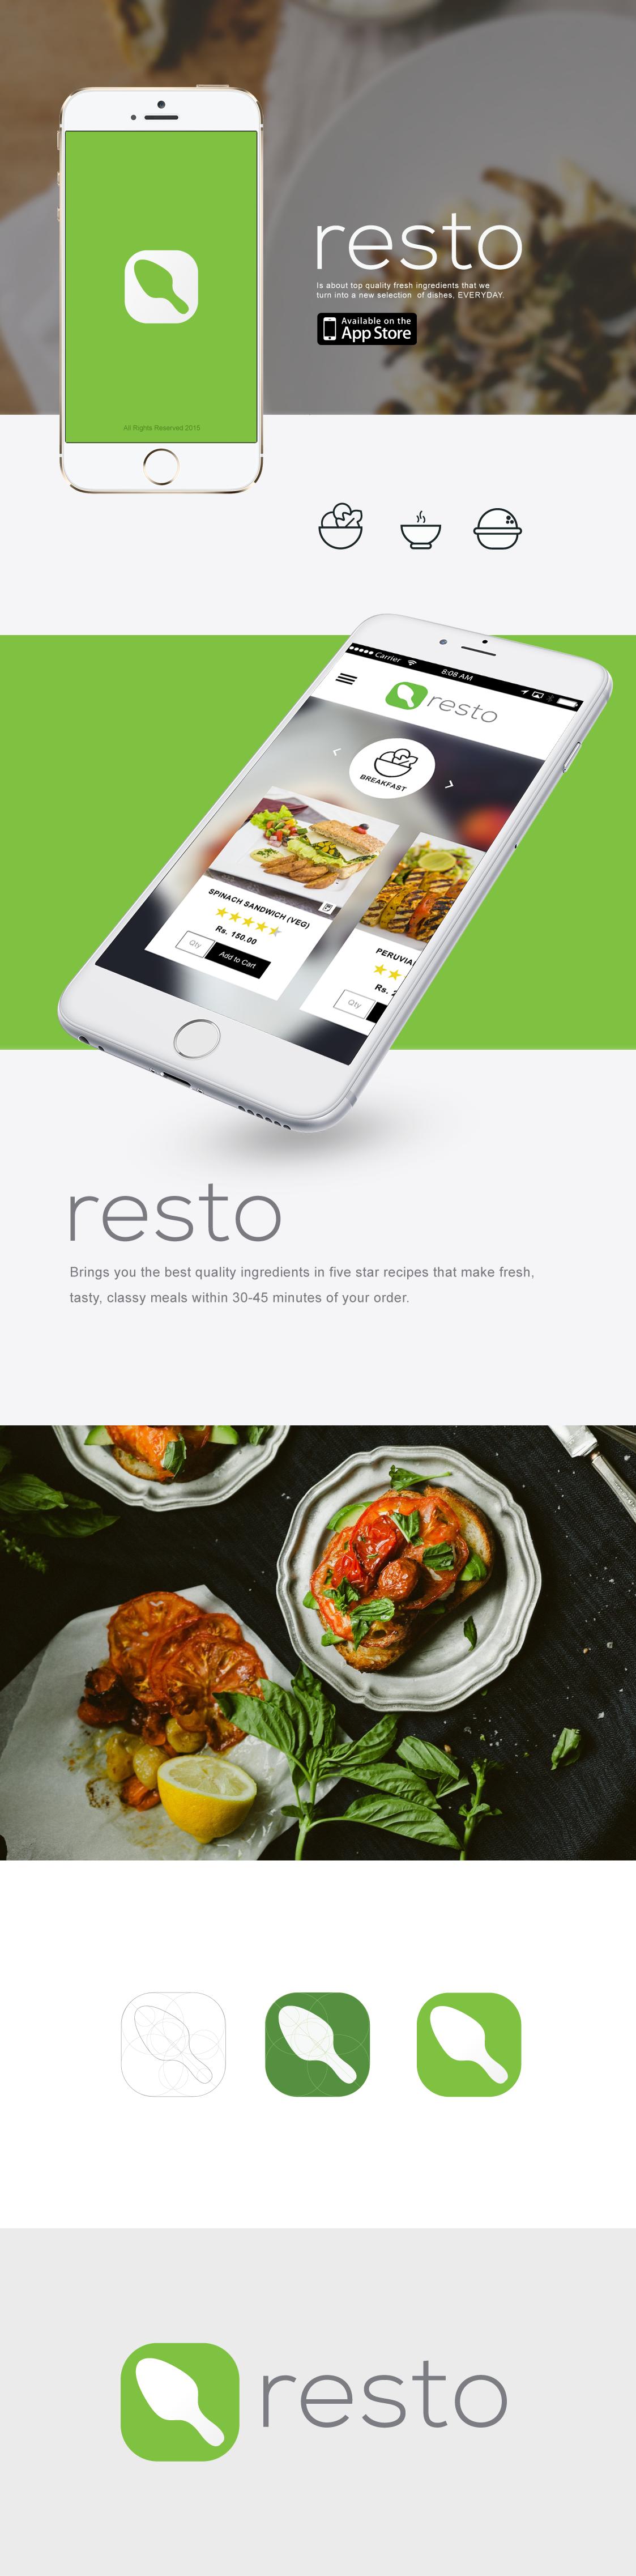 Behance-resto